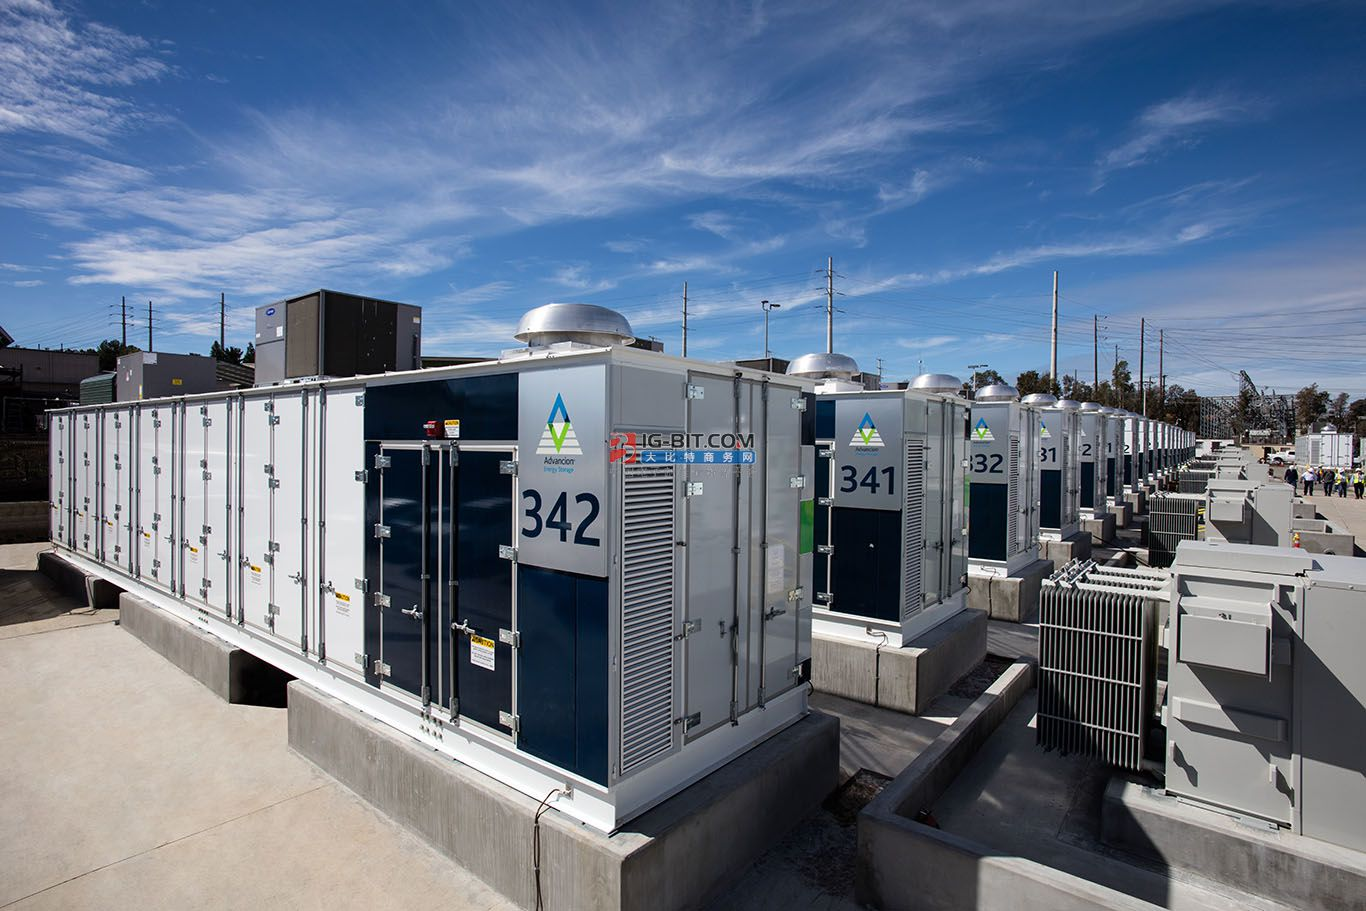 1亿美元:亚行将为蒙古125MW电池储能项目提供贷款